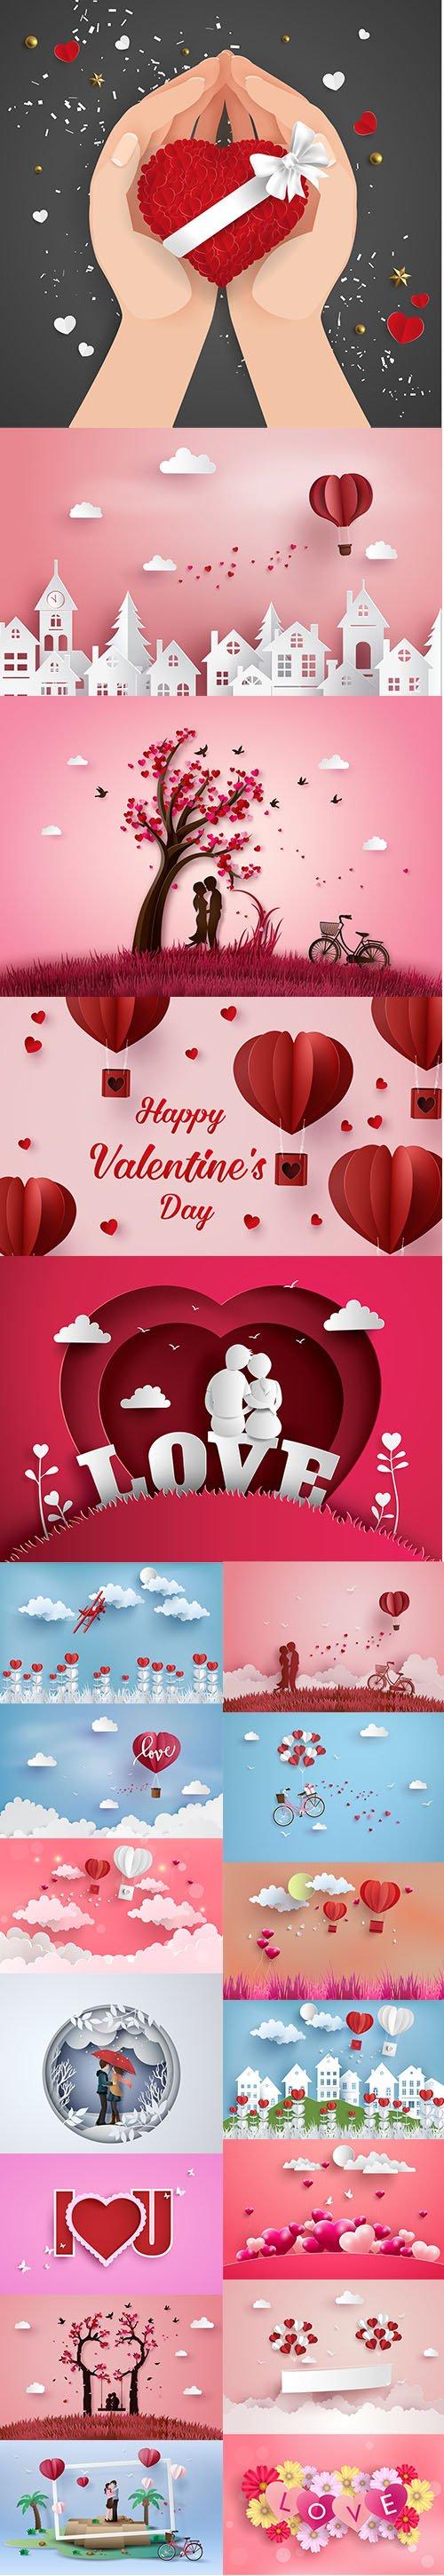 HAPPY VALENTINES DAY ILLUSTRATION SET VOL 9